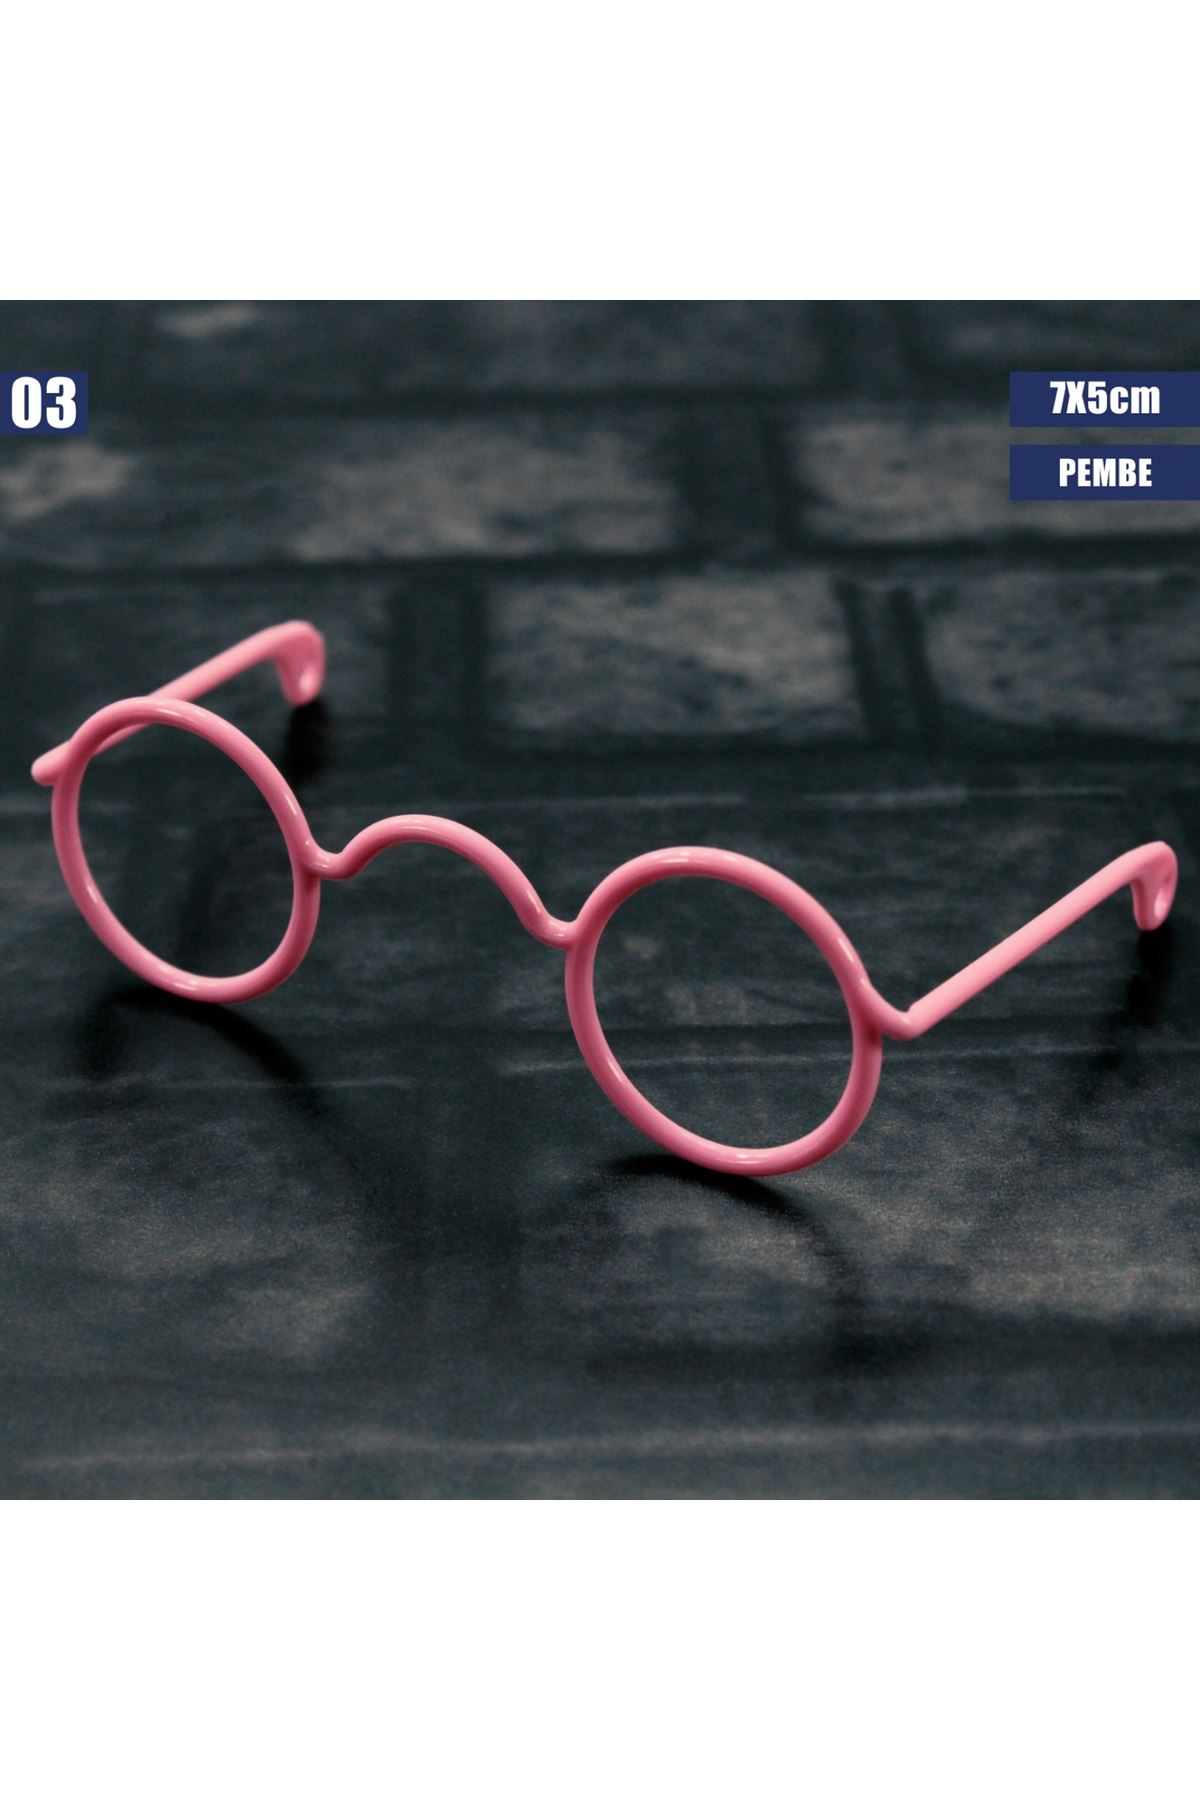 Amigurumi Gözlüğü 03